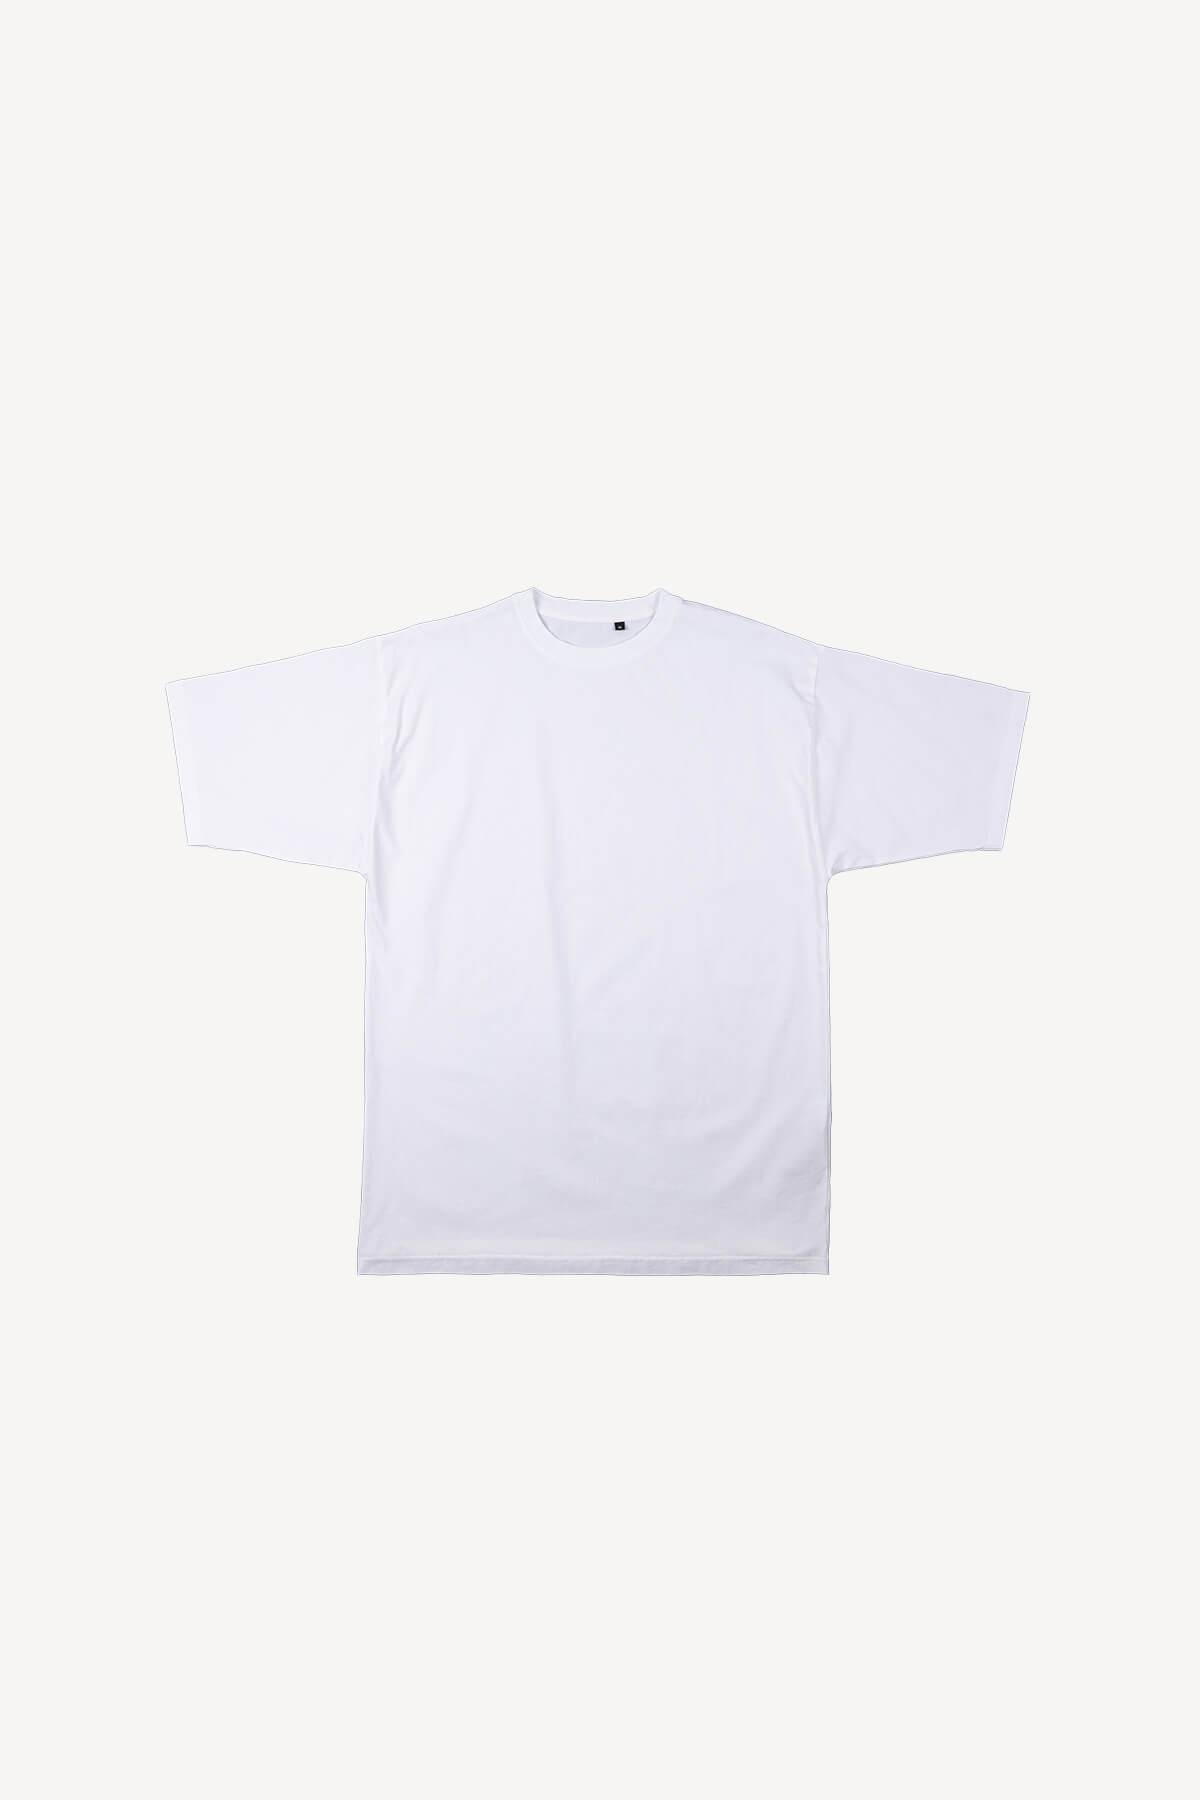 T-shirts Homme Blanc SYSTANDARD ME26 #c eFashion Paris